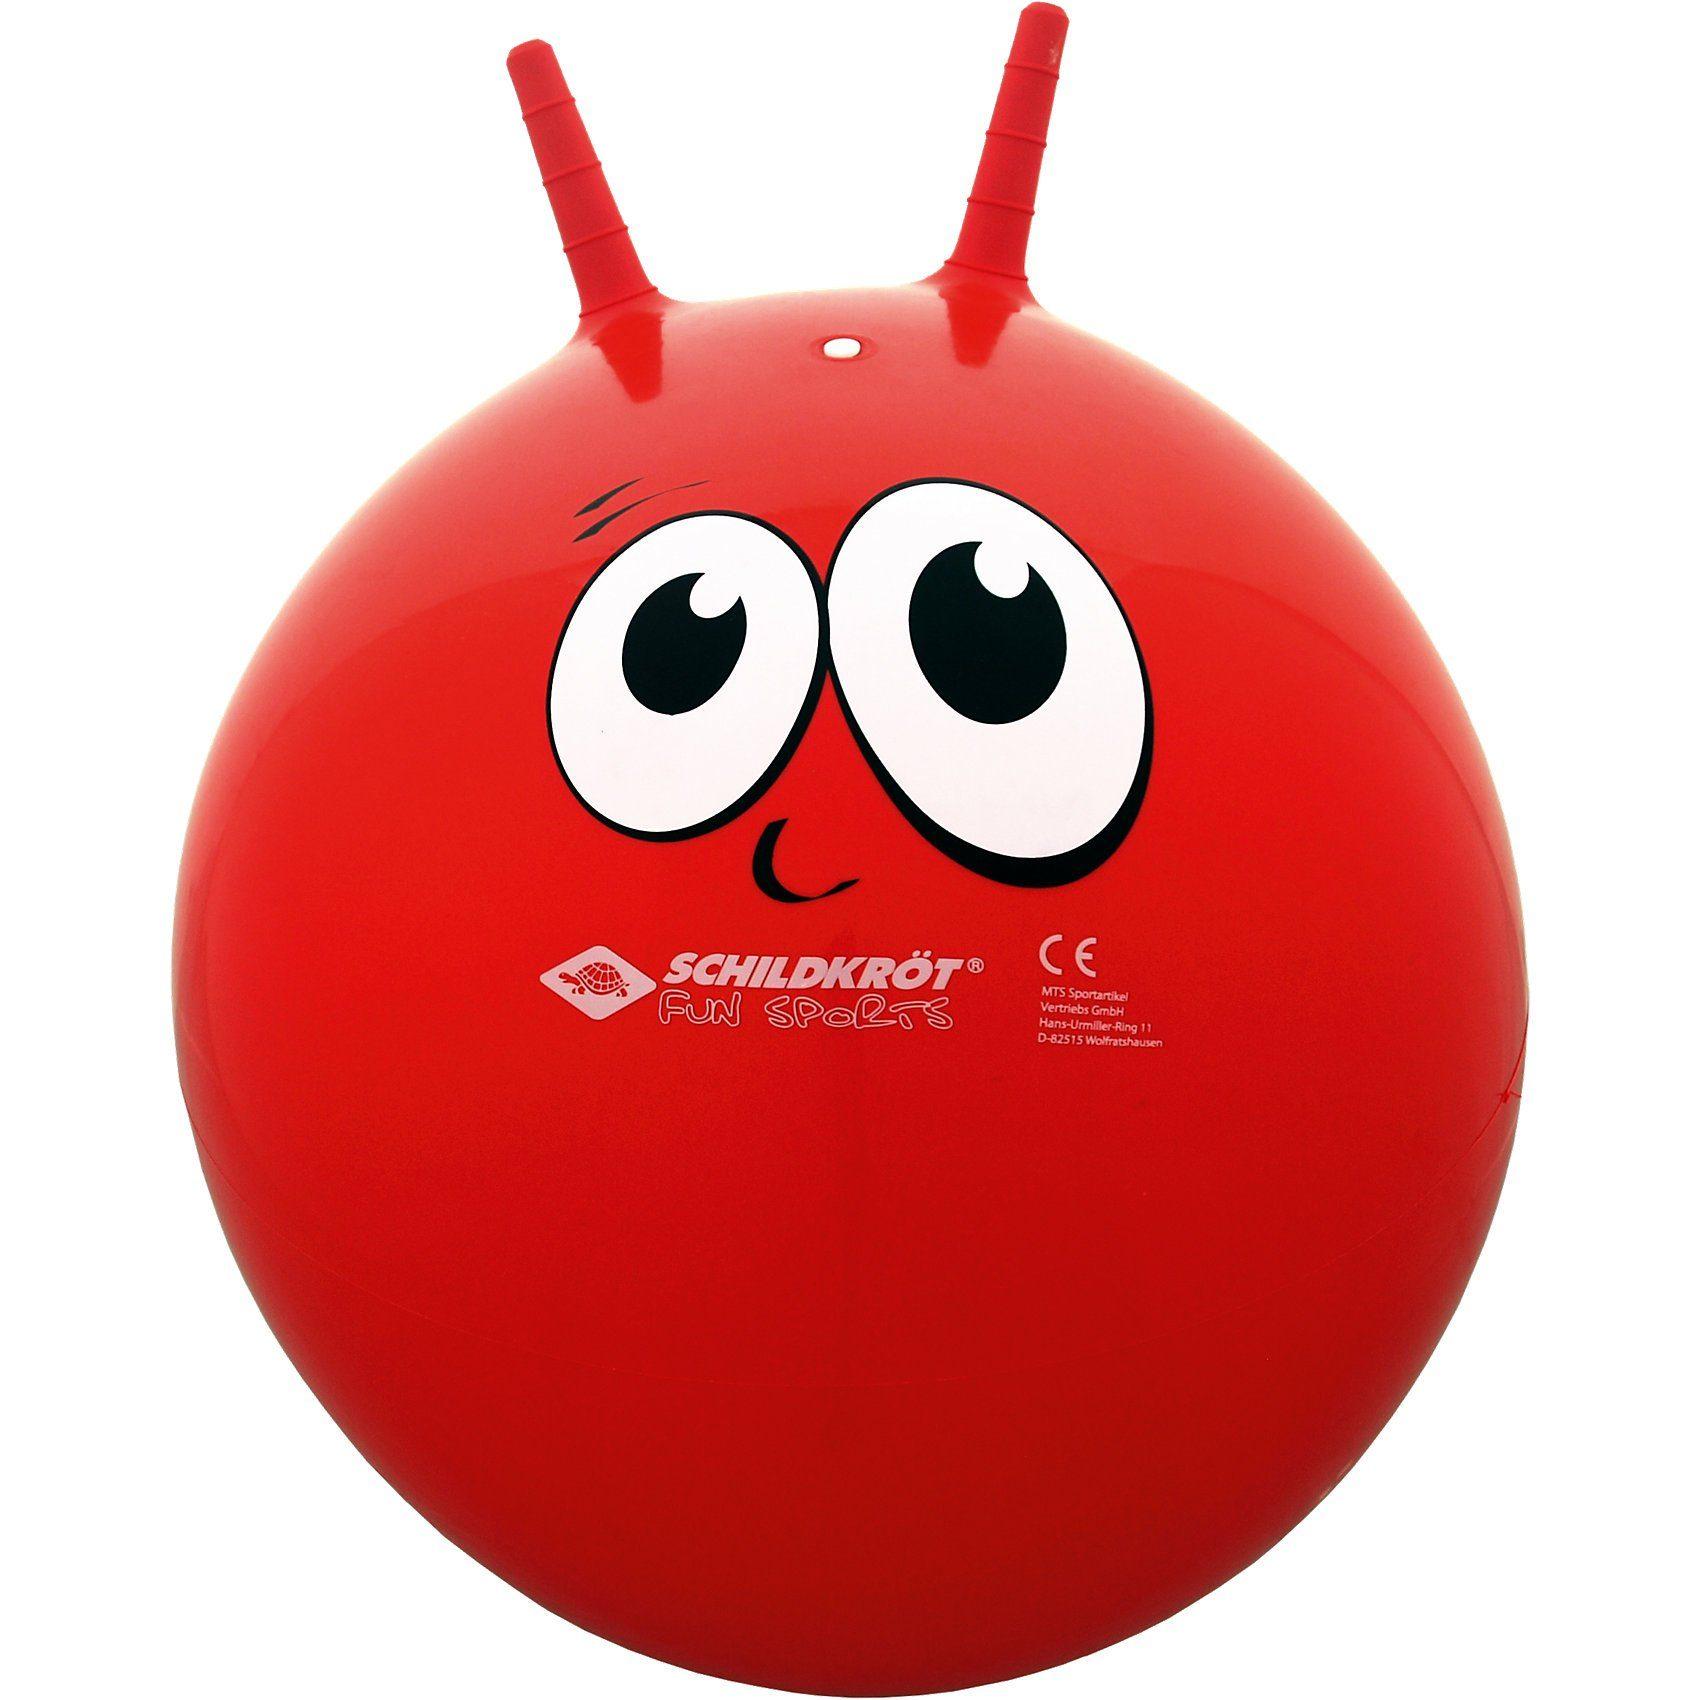 Schildkröt Funsports Schildkröt-Funsports Hüpfball / Sprungball mit Griffen